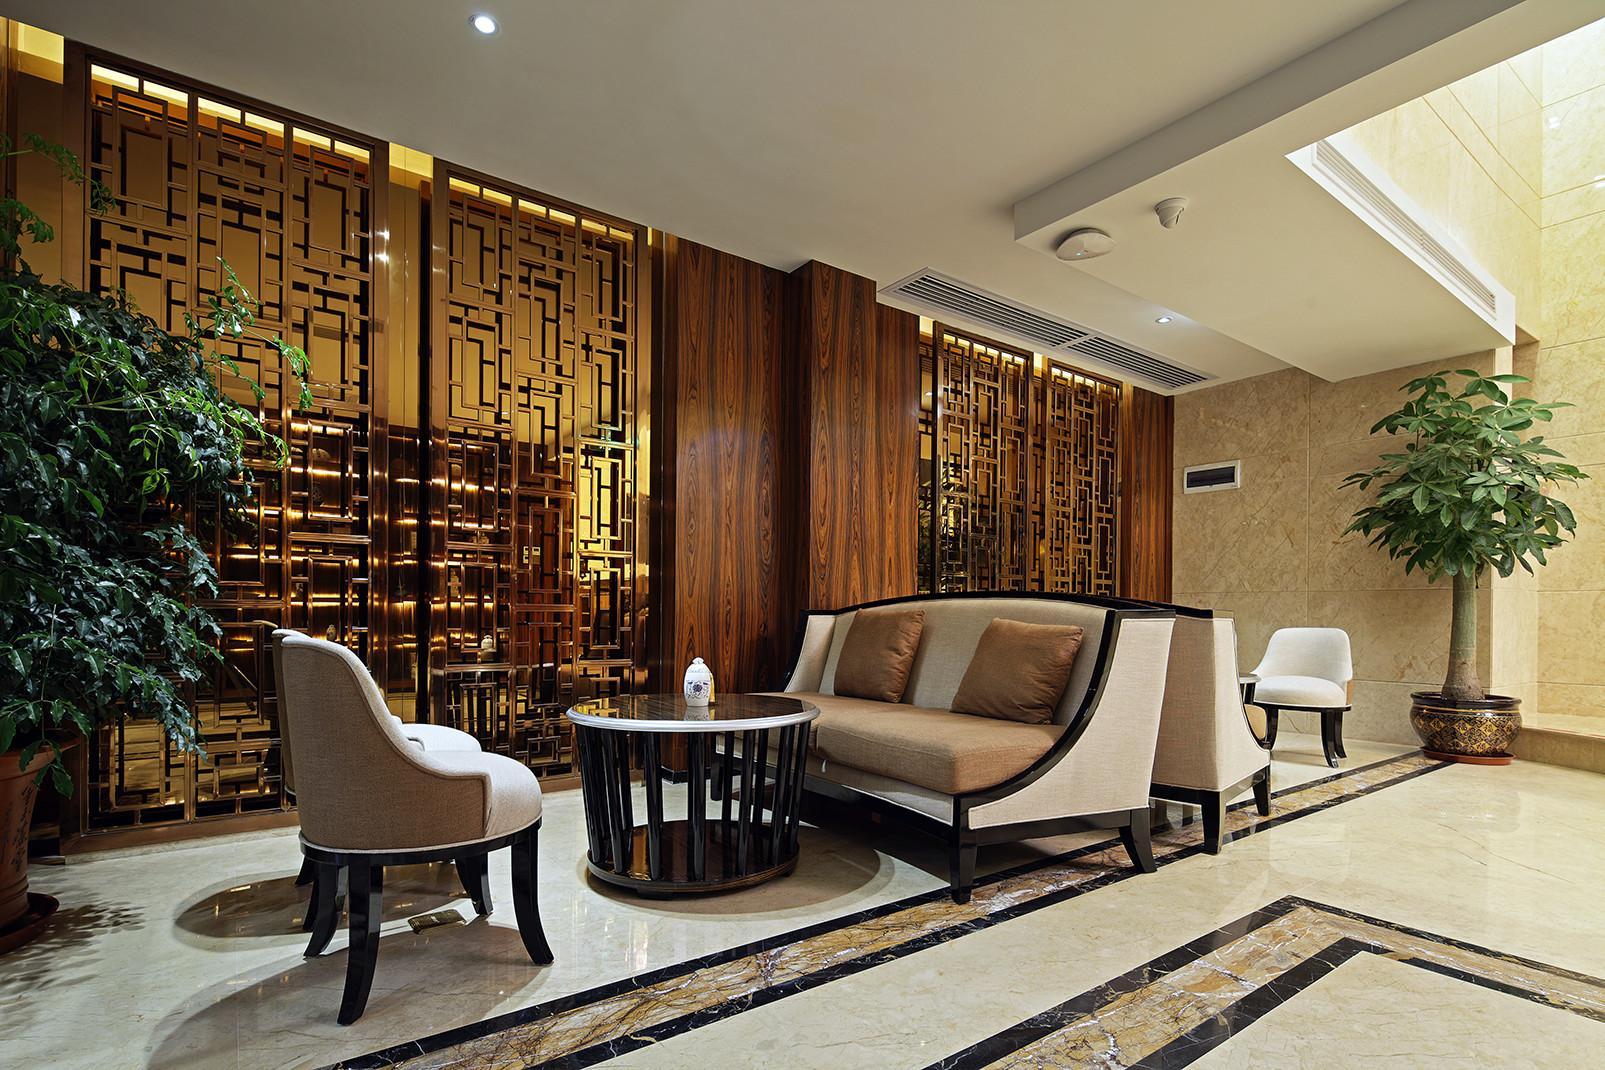 高级豪华俱乐部装修中式屏风设计